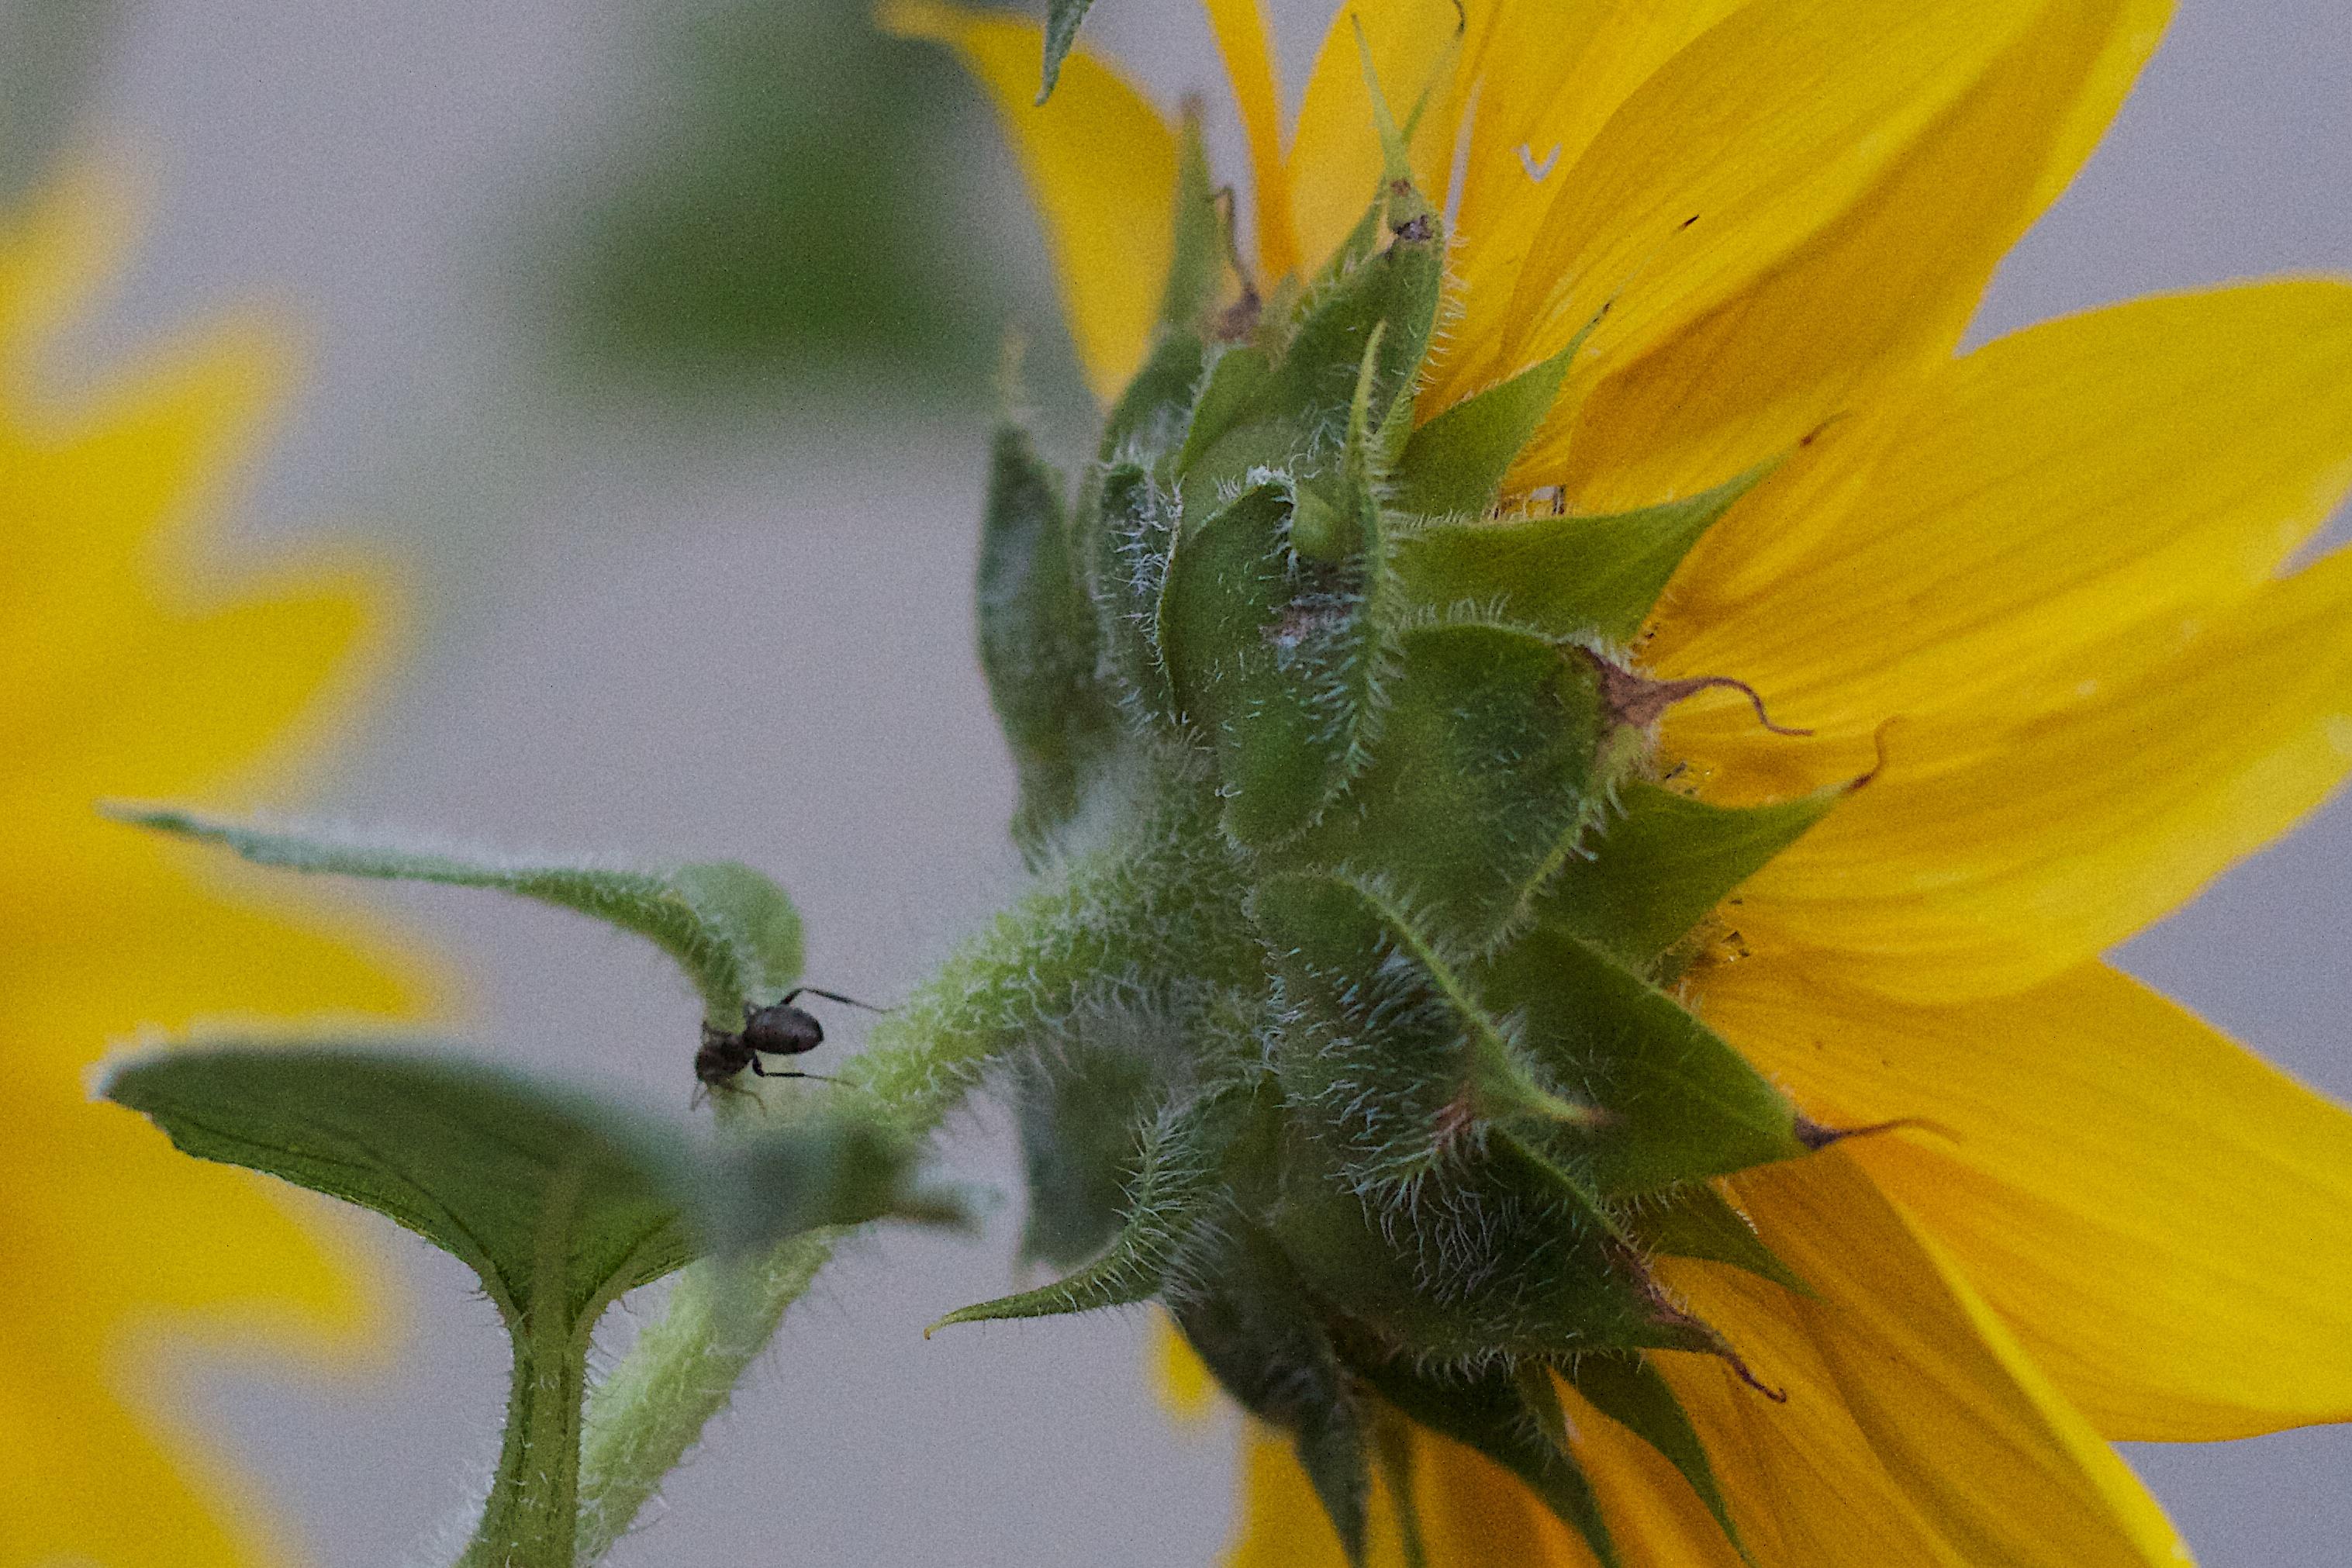 Hình ảnh Thực Vật Nhiếp ảnh Cánh Hoa Màu Xanh Lá Thực